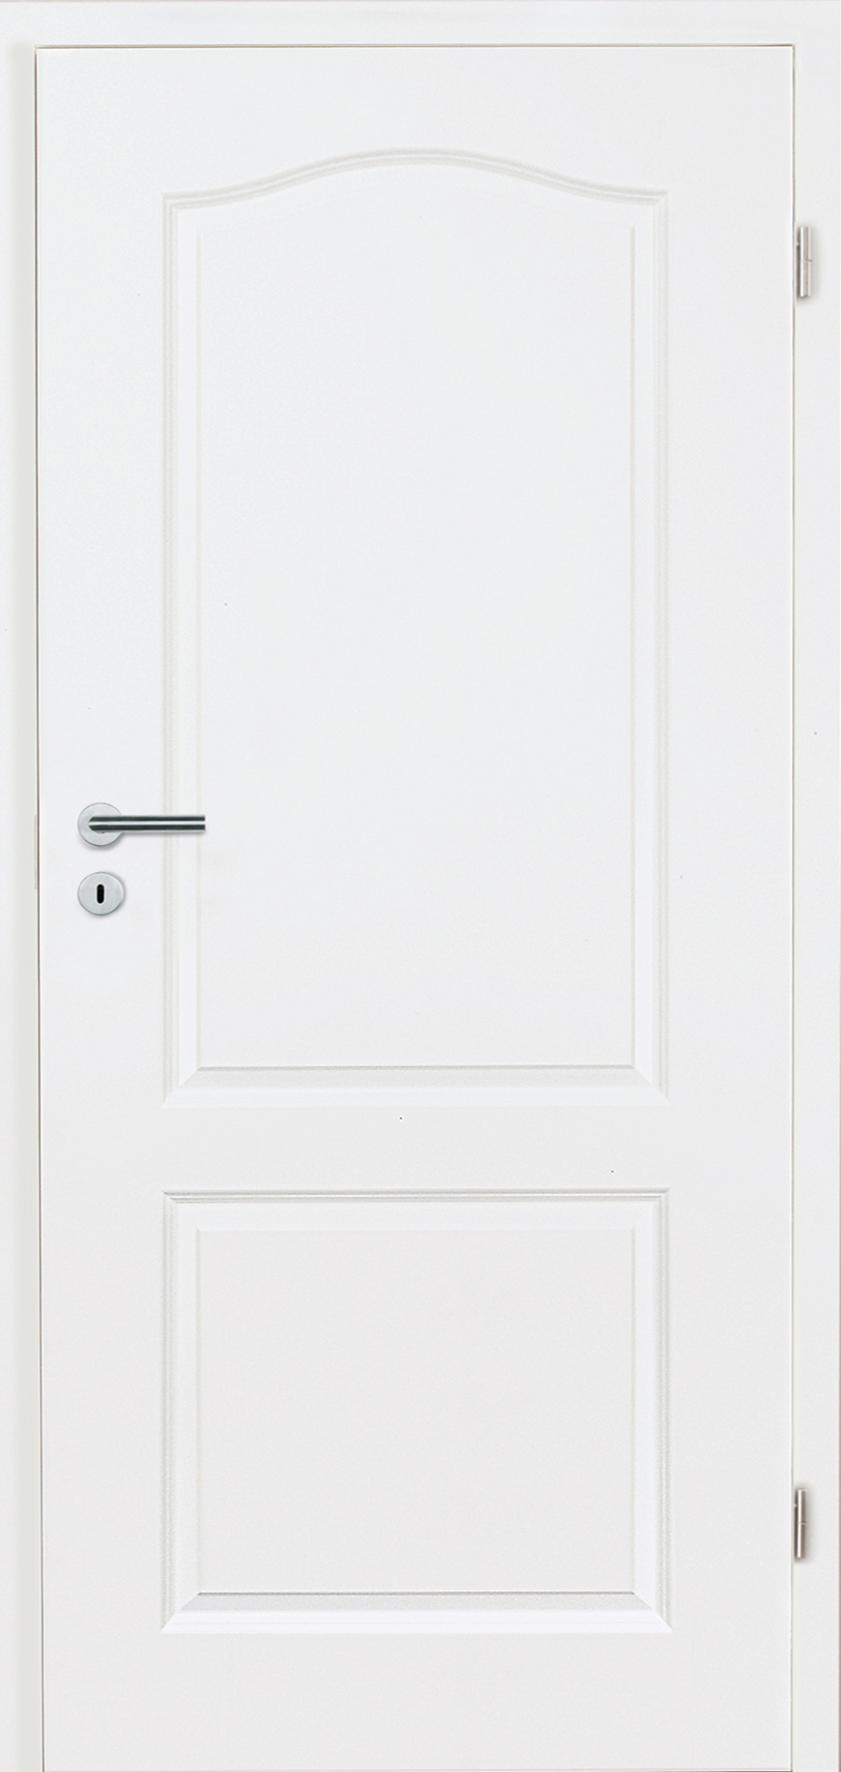 Favorit Elegante Landhaus Innentüren von Herholz | herholz.de MF25